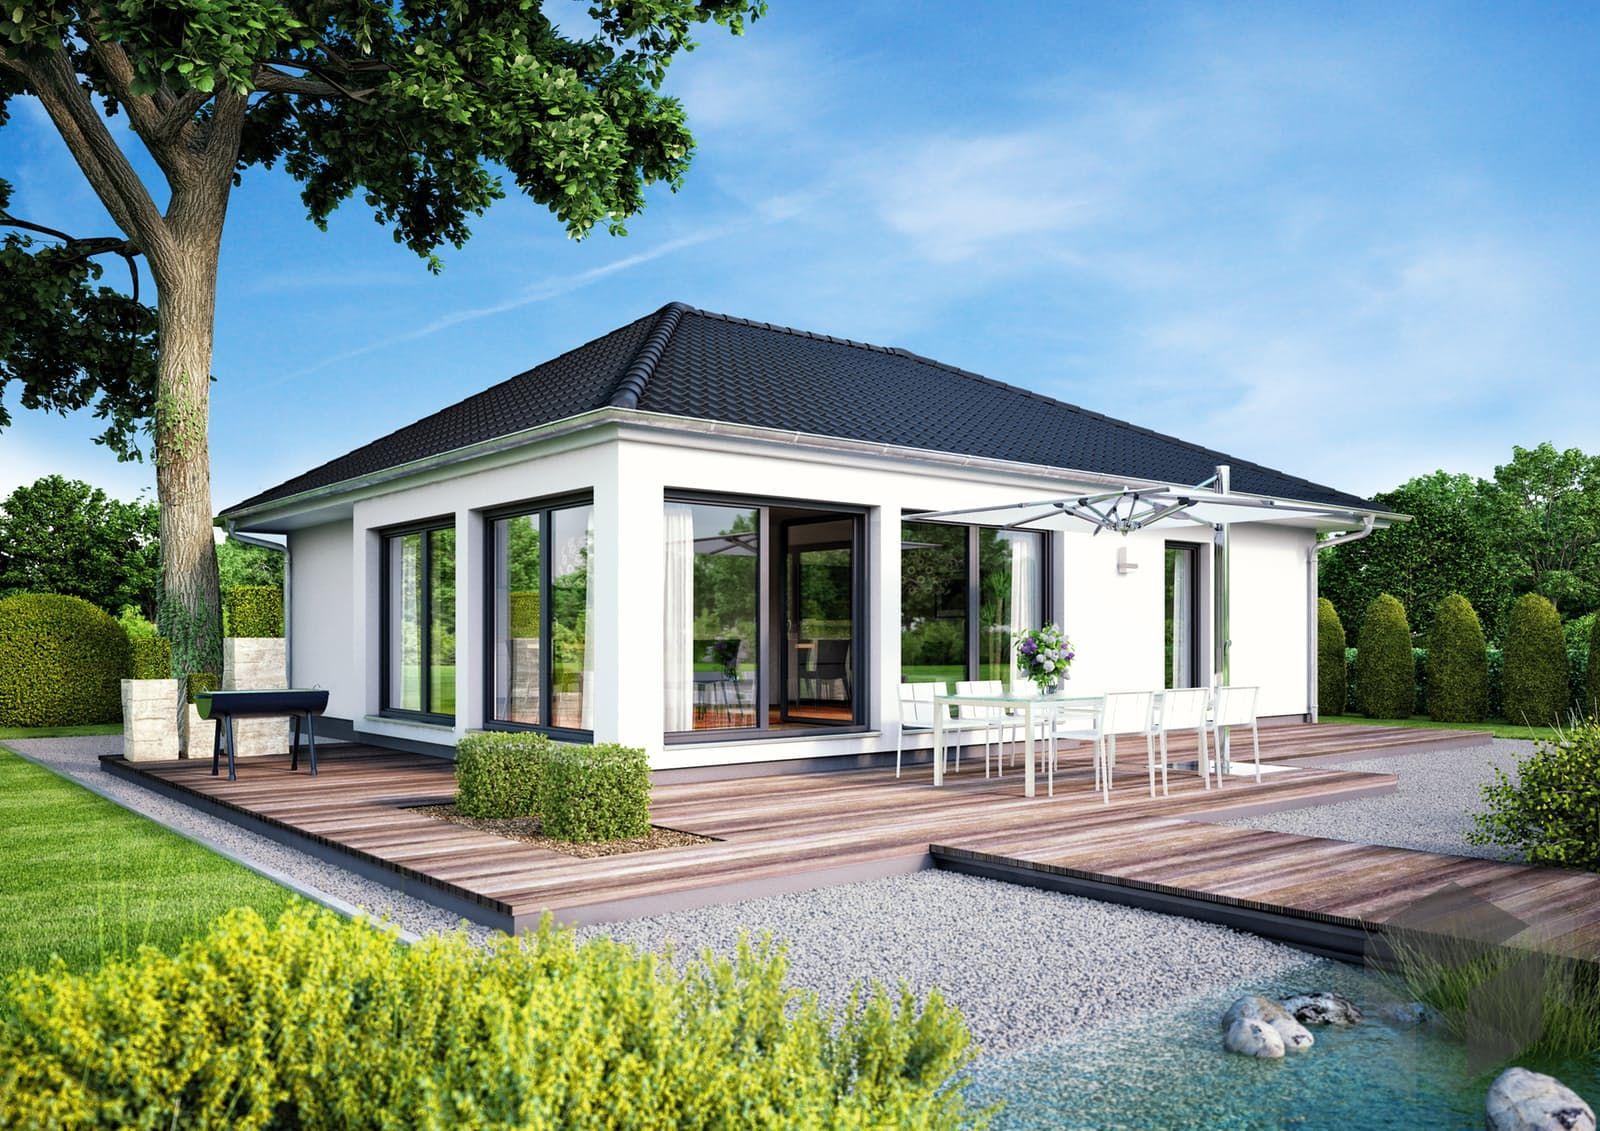 Großes Angebot an Häusern verschiedener Stile und Anbieter